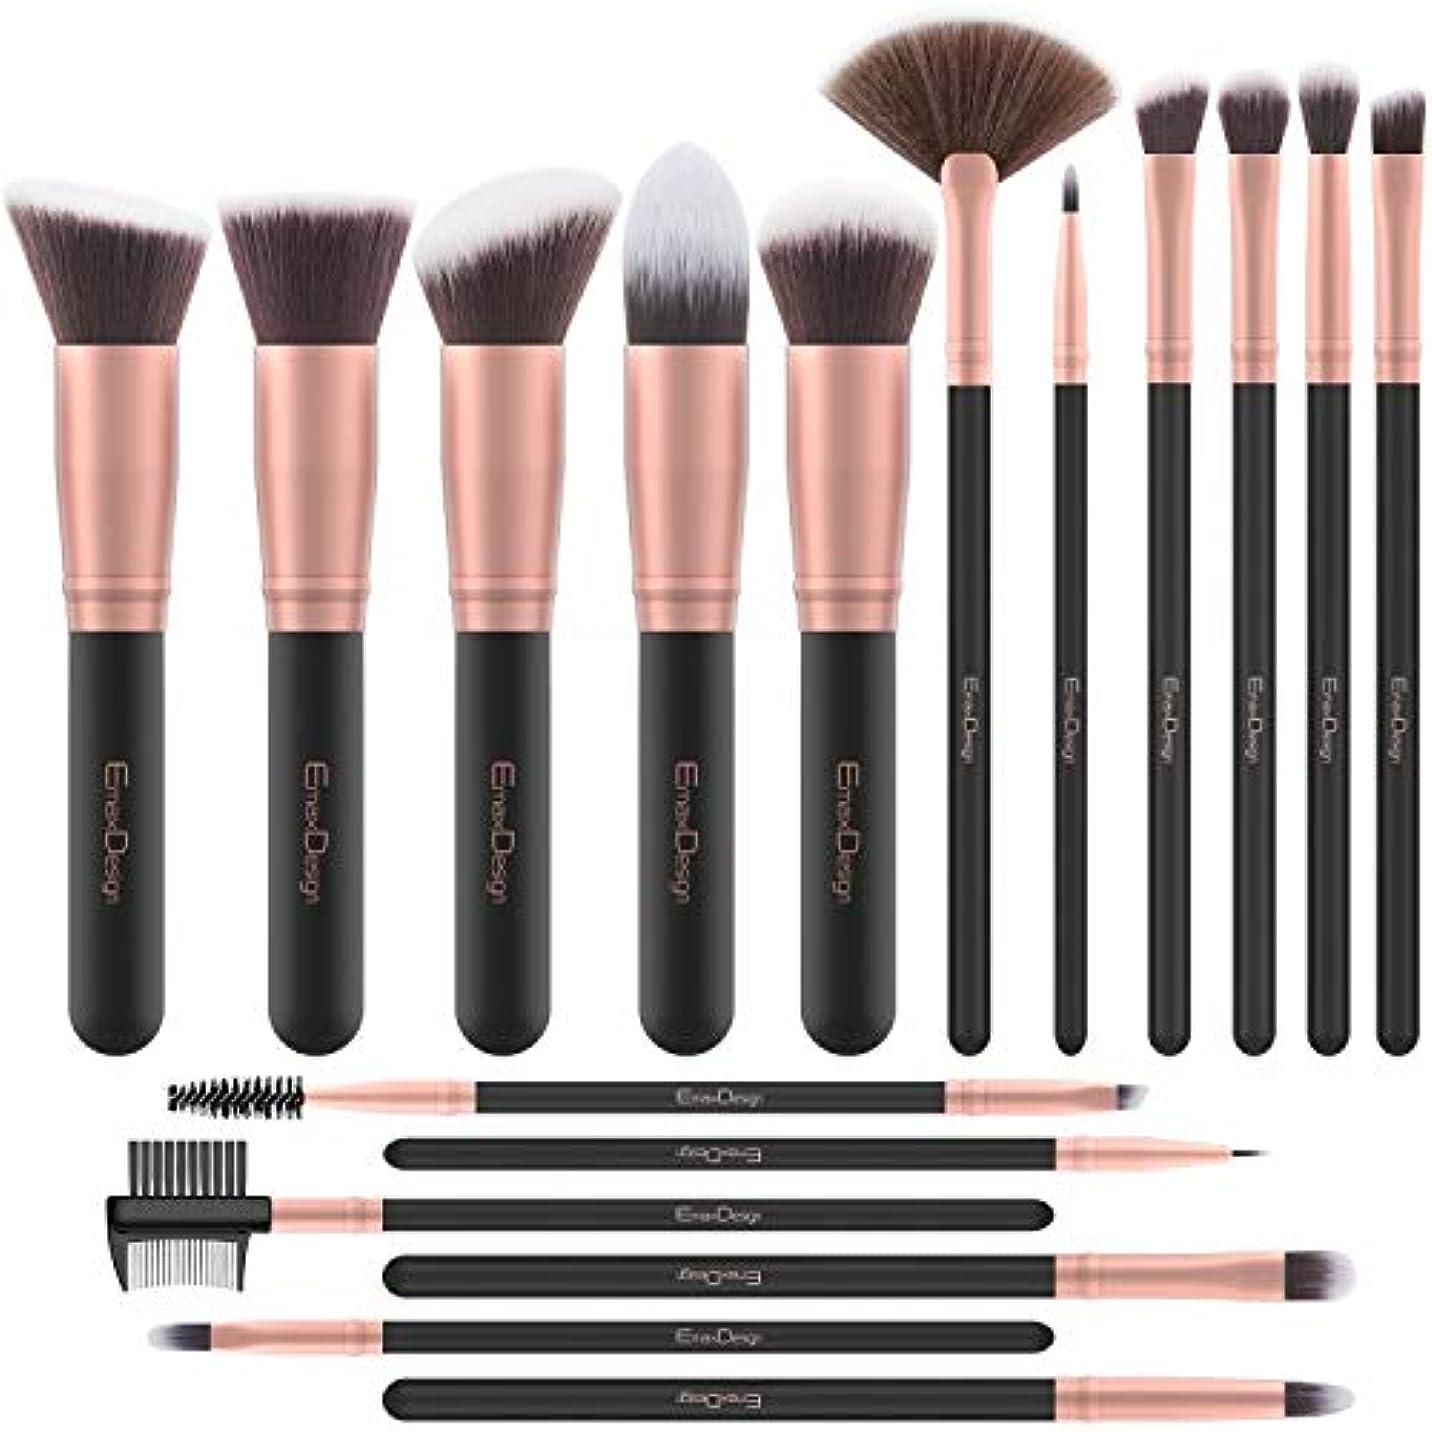 フェリー宿るあなたはEmaxDesign メイクブラシ 17本セット 化粧ブラシセット高品質の化粧筆 フェイスブラシ 高級繊維毛 化粧ブラシ メイク道具